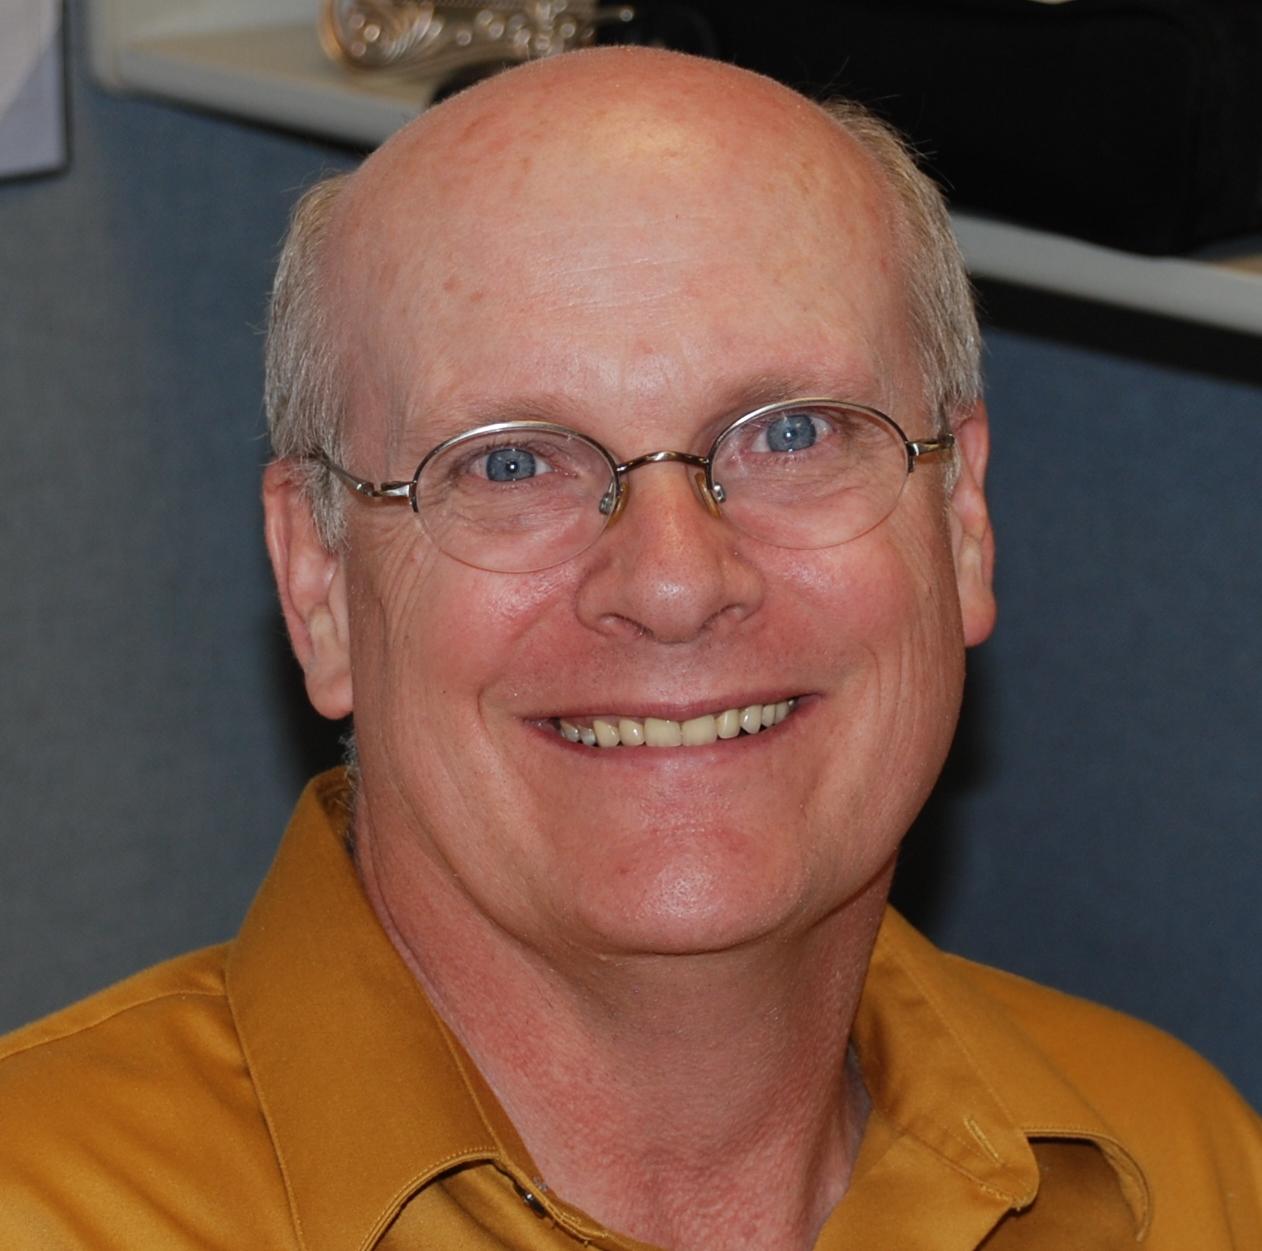 John Konselman